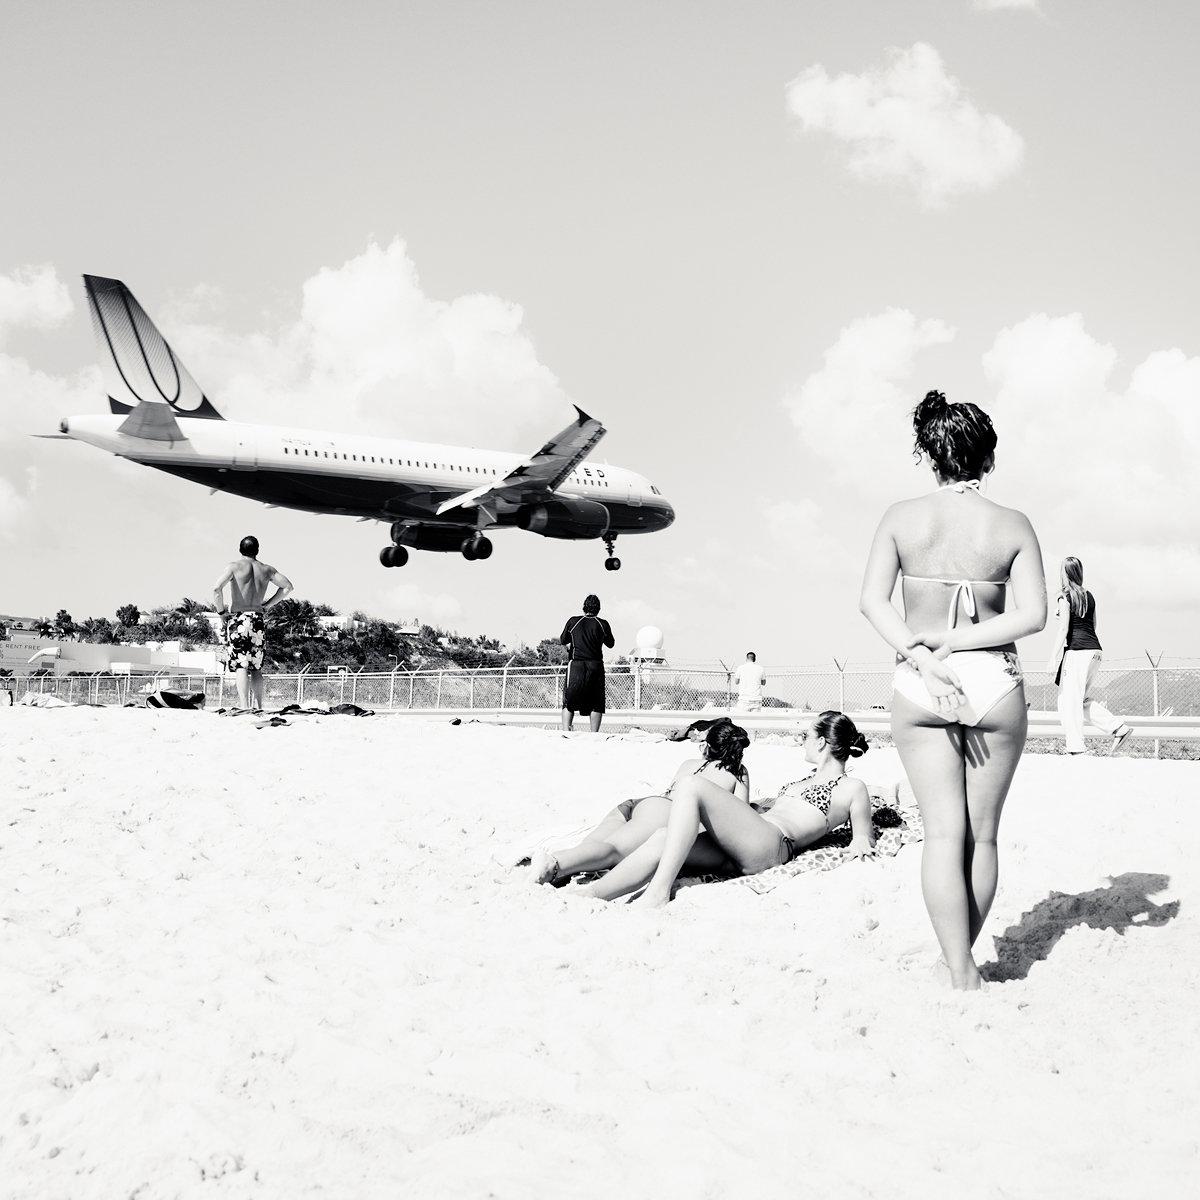 Tieffliegendes Flugzeug über Menschen am Strand  (Foto: Josef Hoflehner)